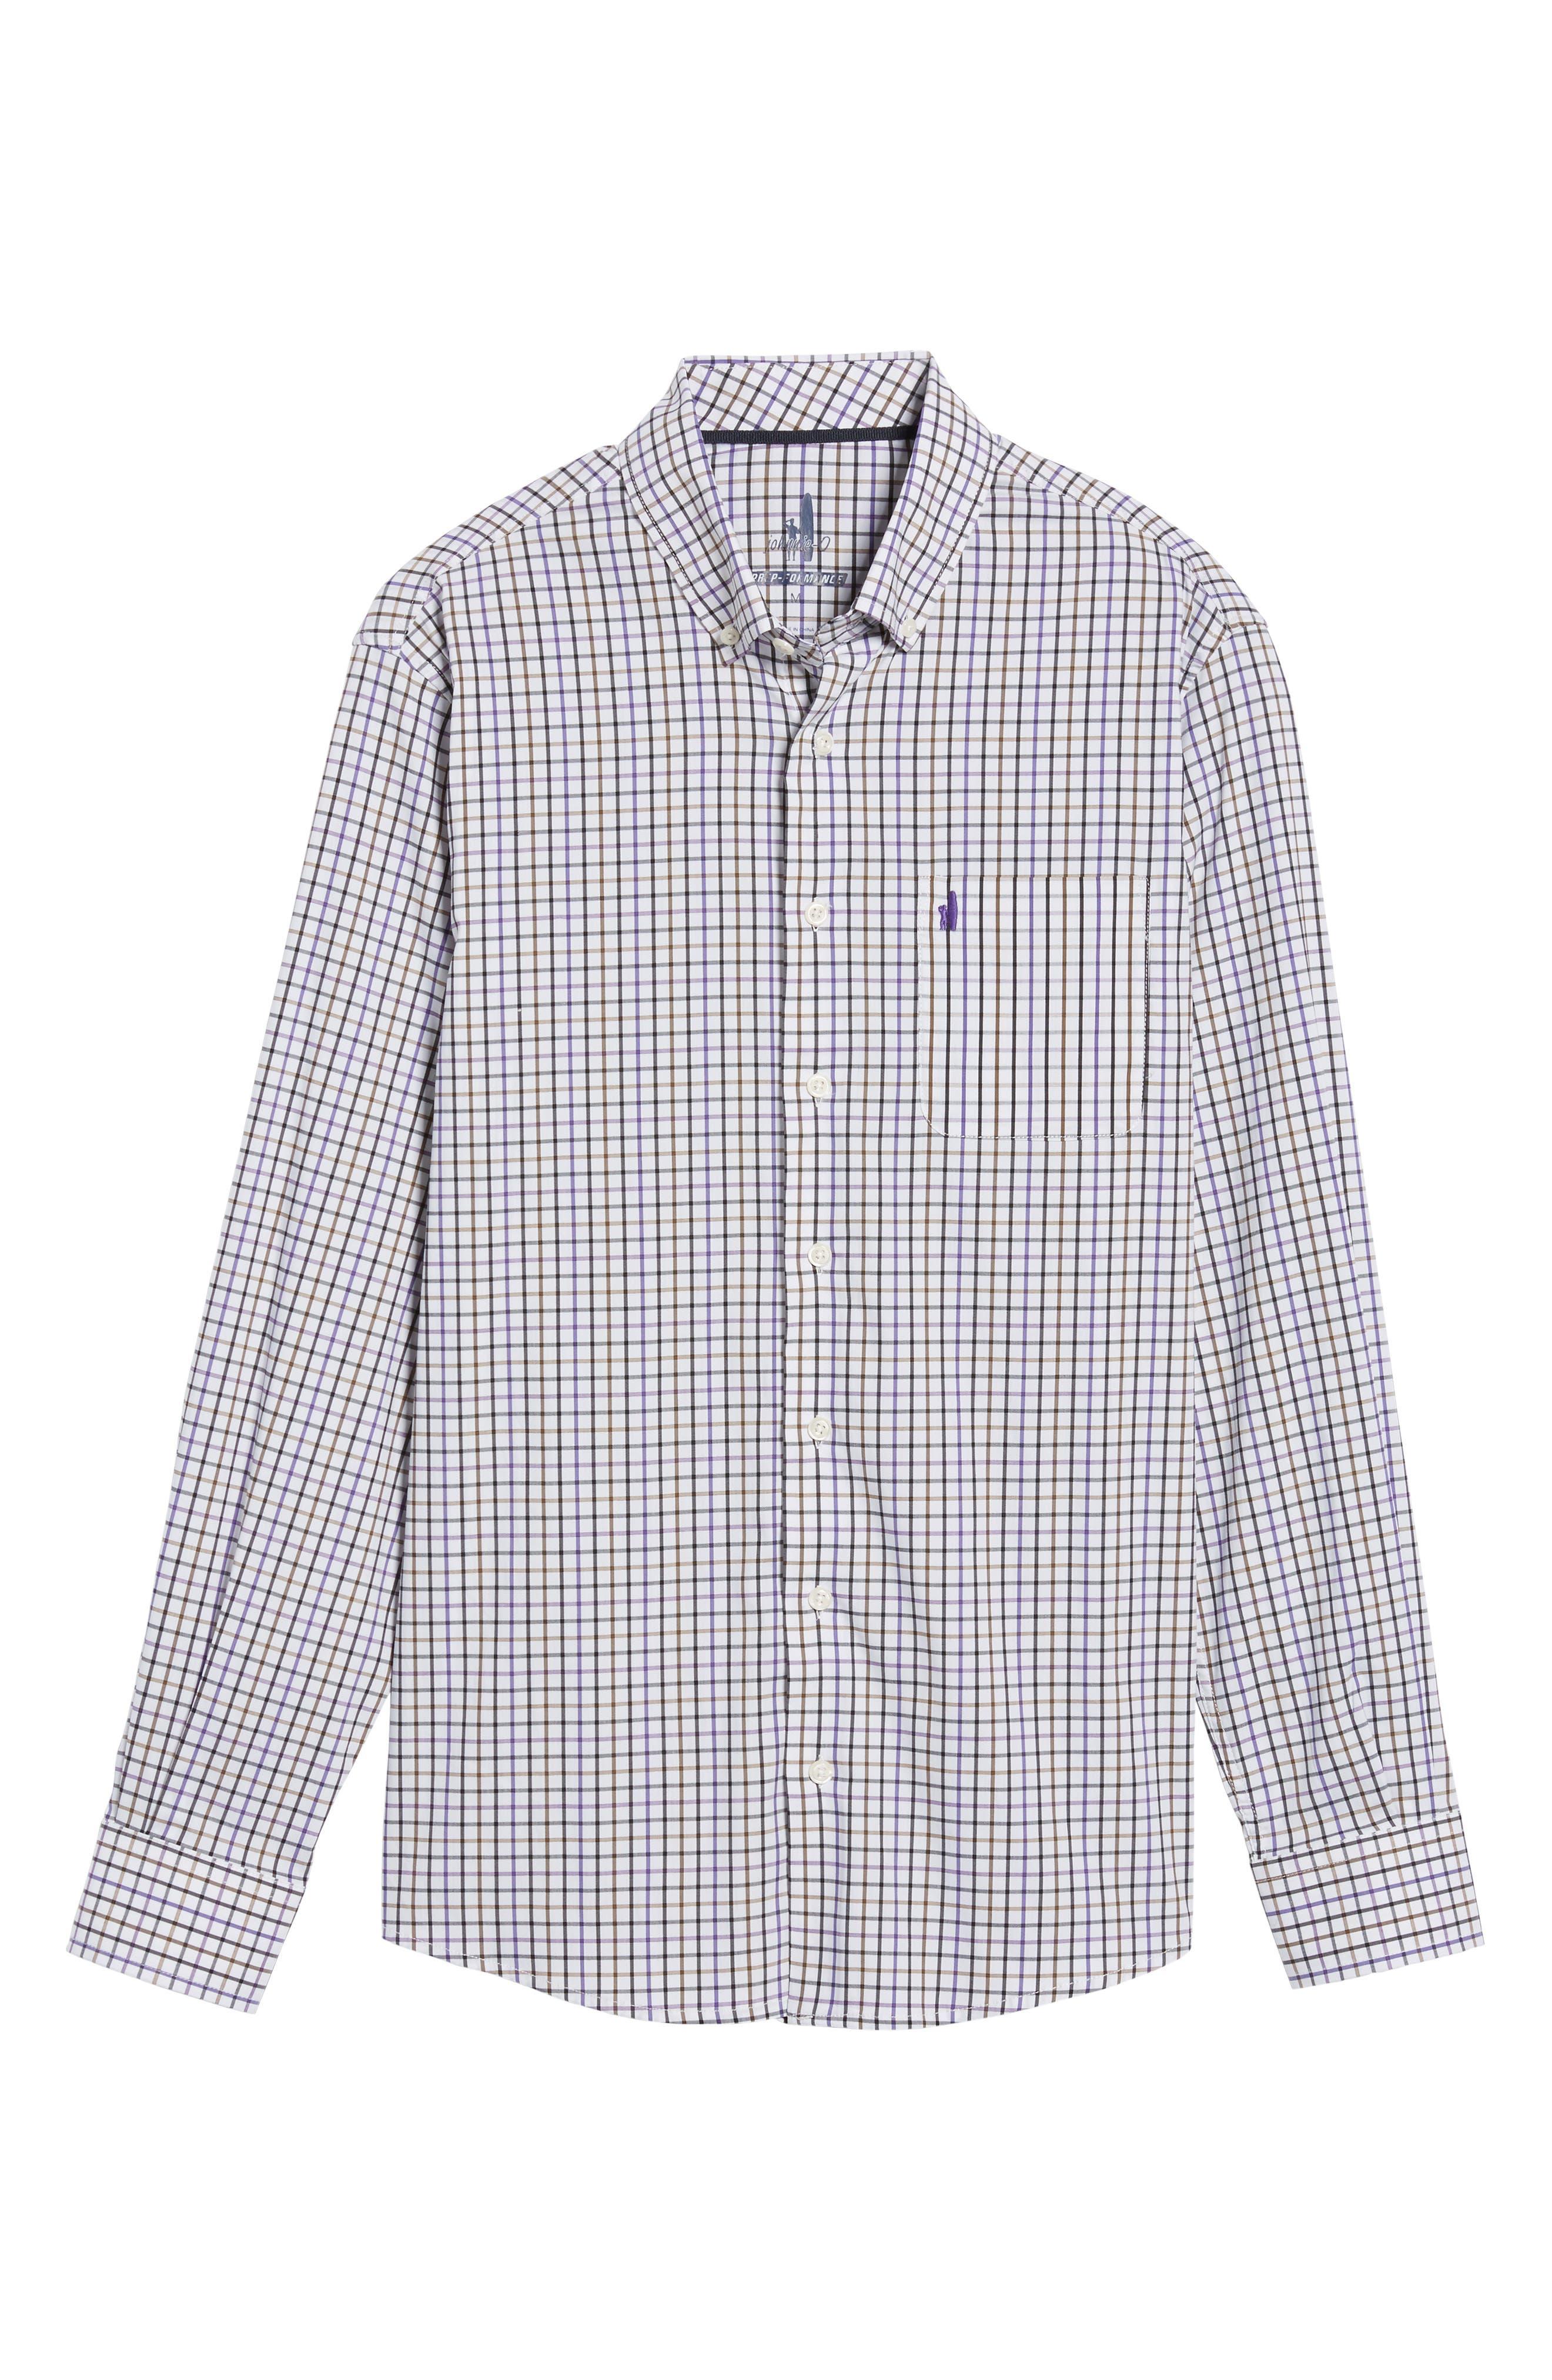 Merion Tattersall Sport Shirt,                             Alternate thumbnail 6, color,                             532